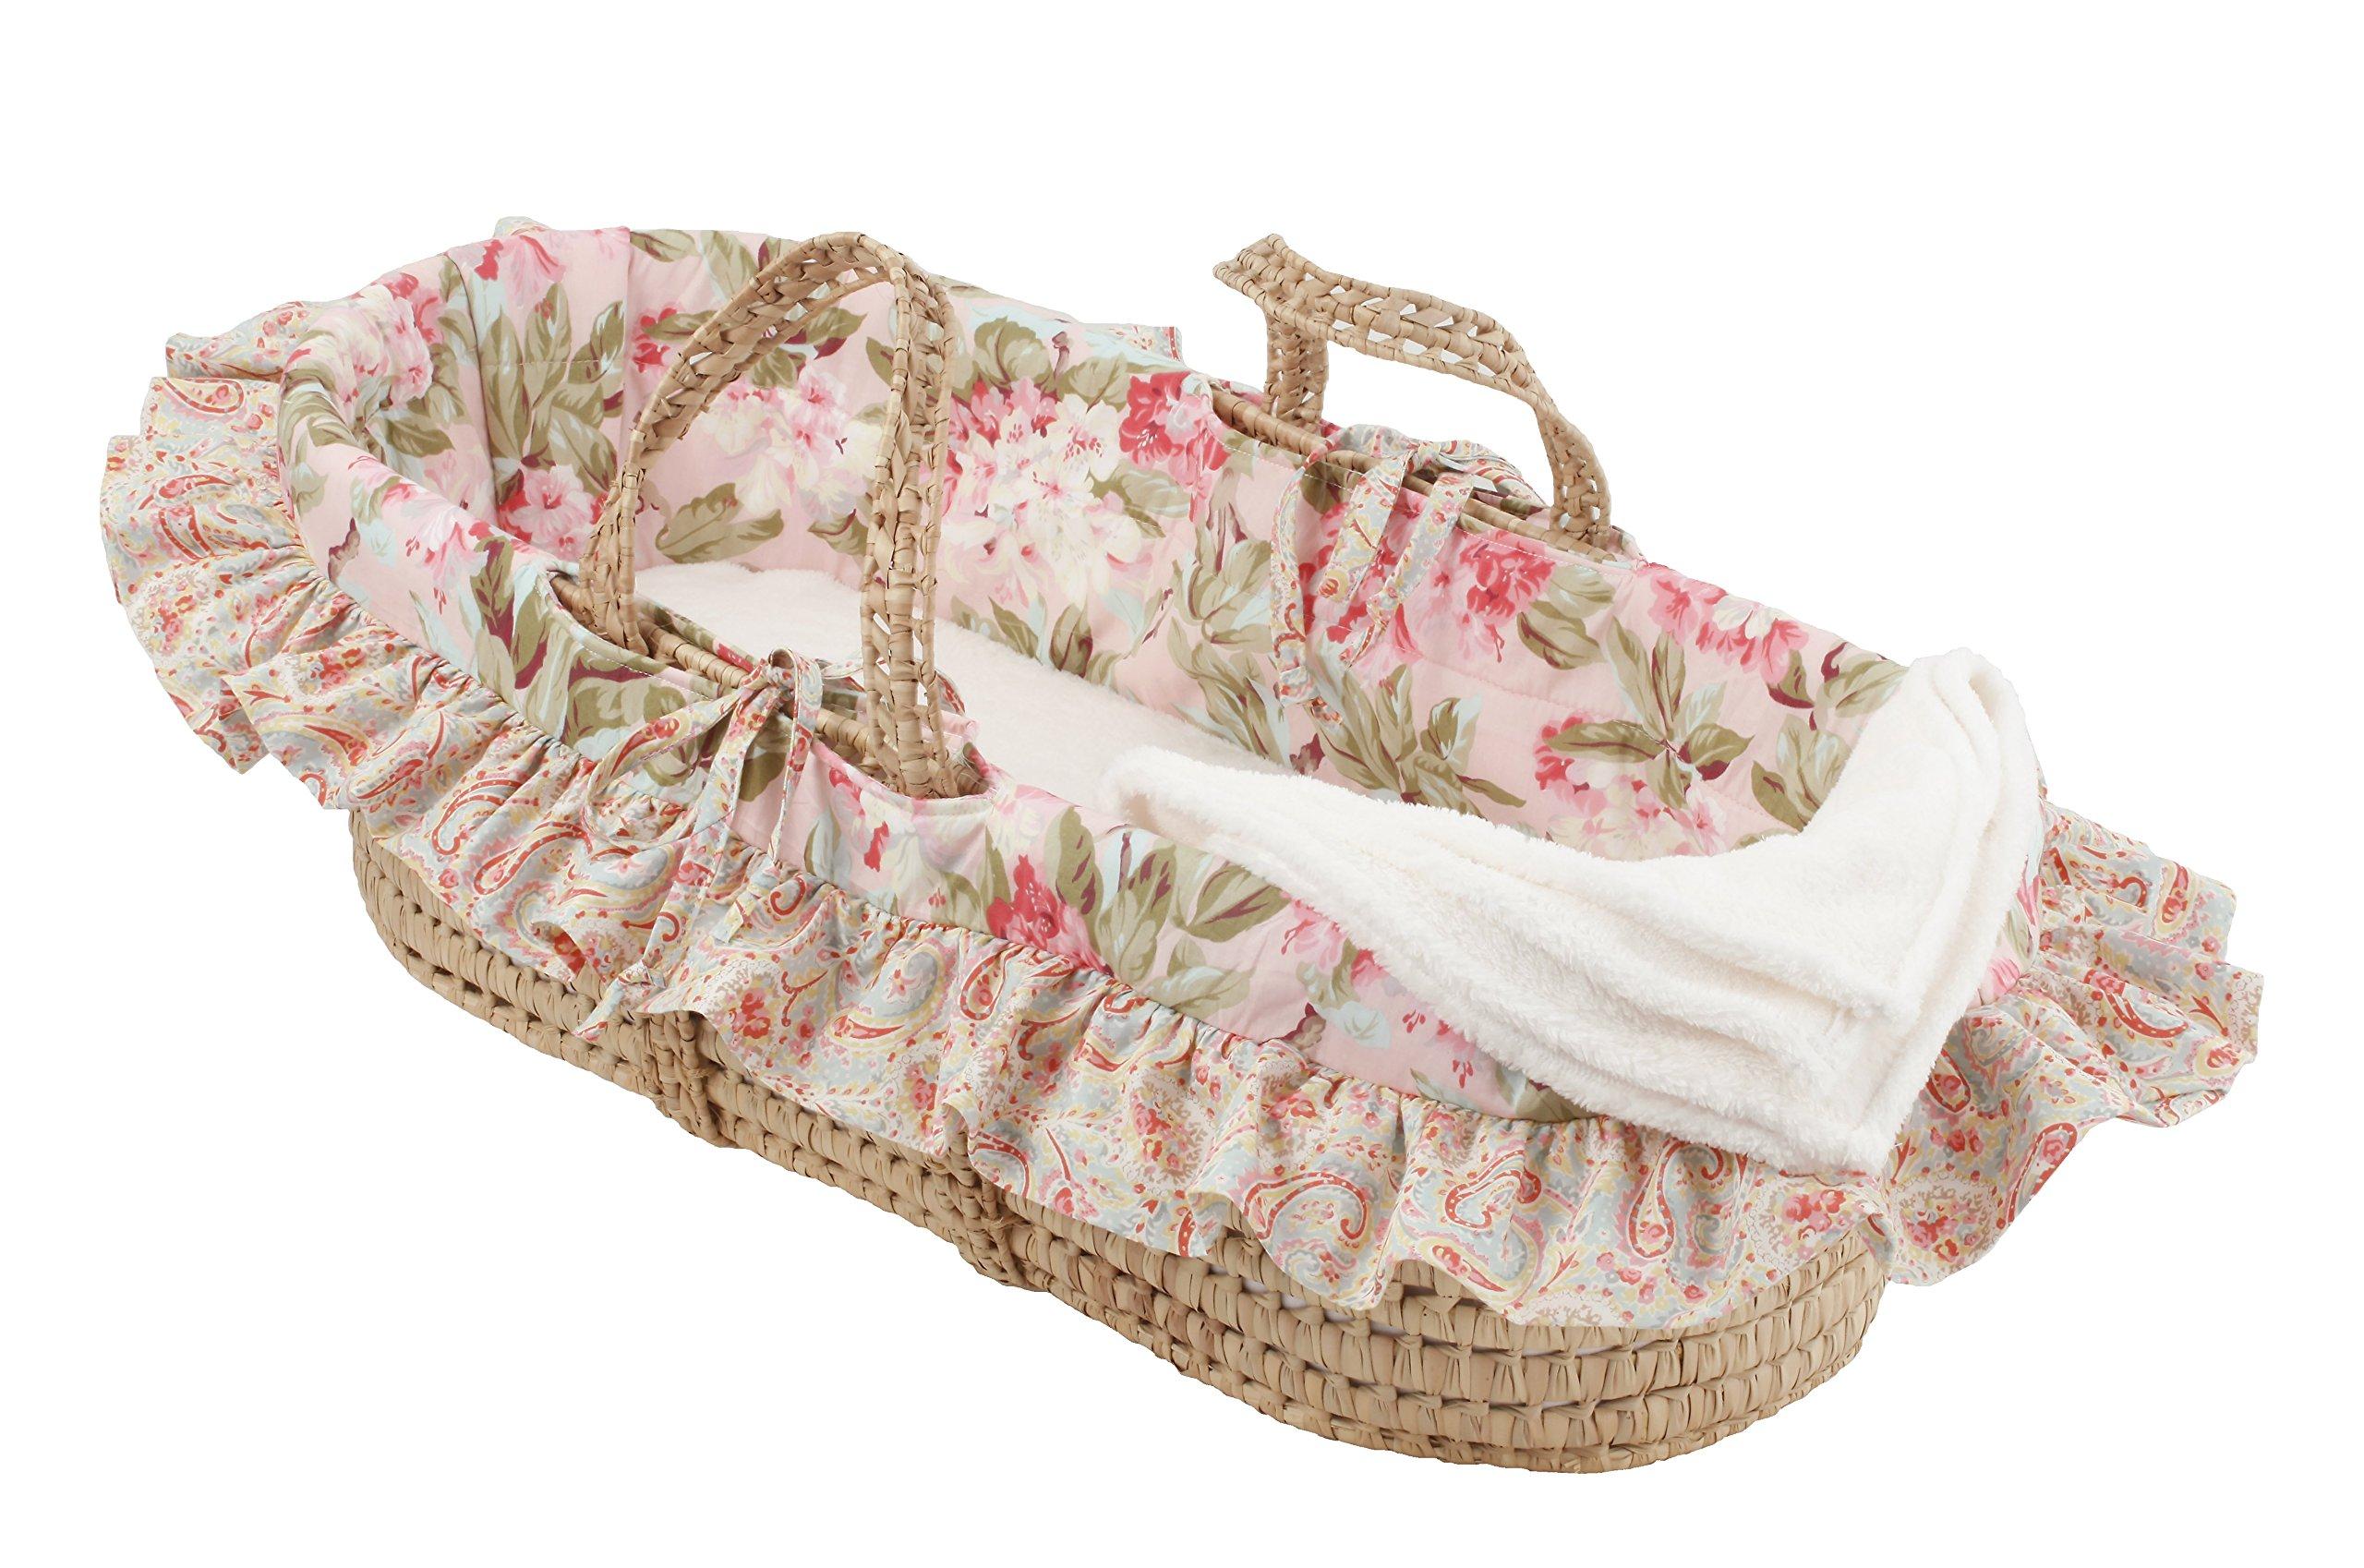 Cotton Tale Designs Moses Basket, Tea Party by Cotton Tale Designs